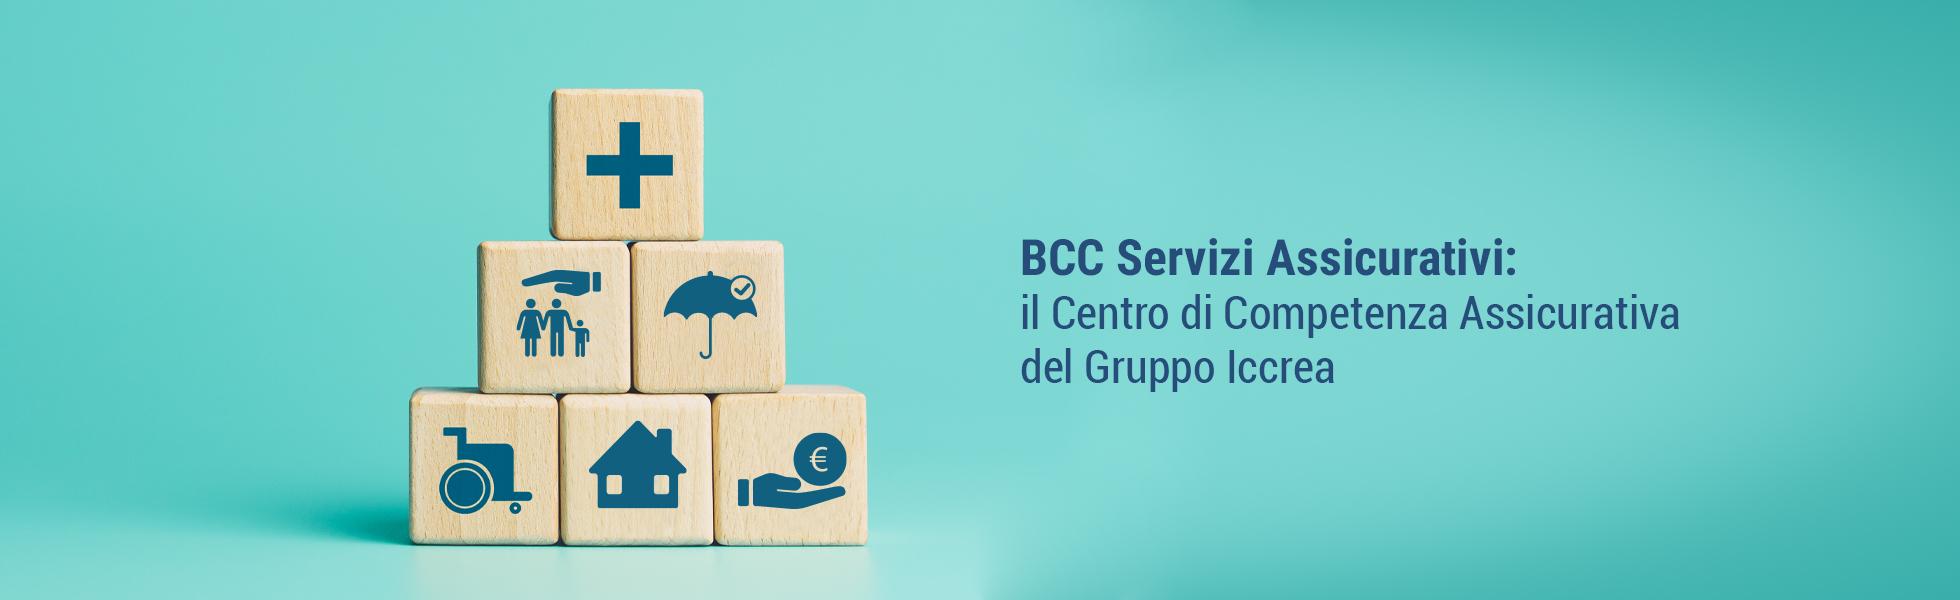 Centro di competenza assicurativa Gruppo Iccrea